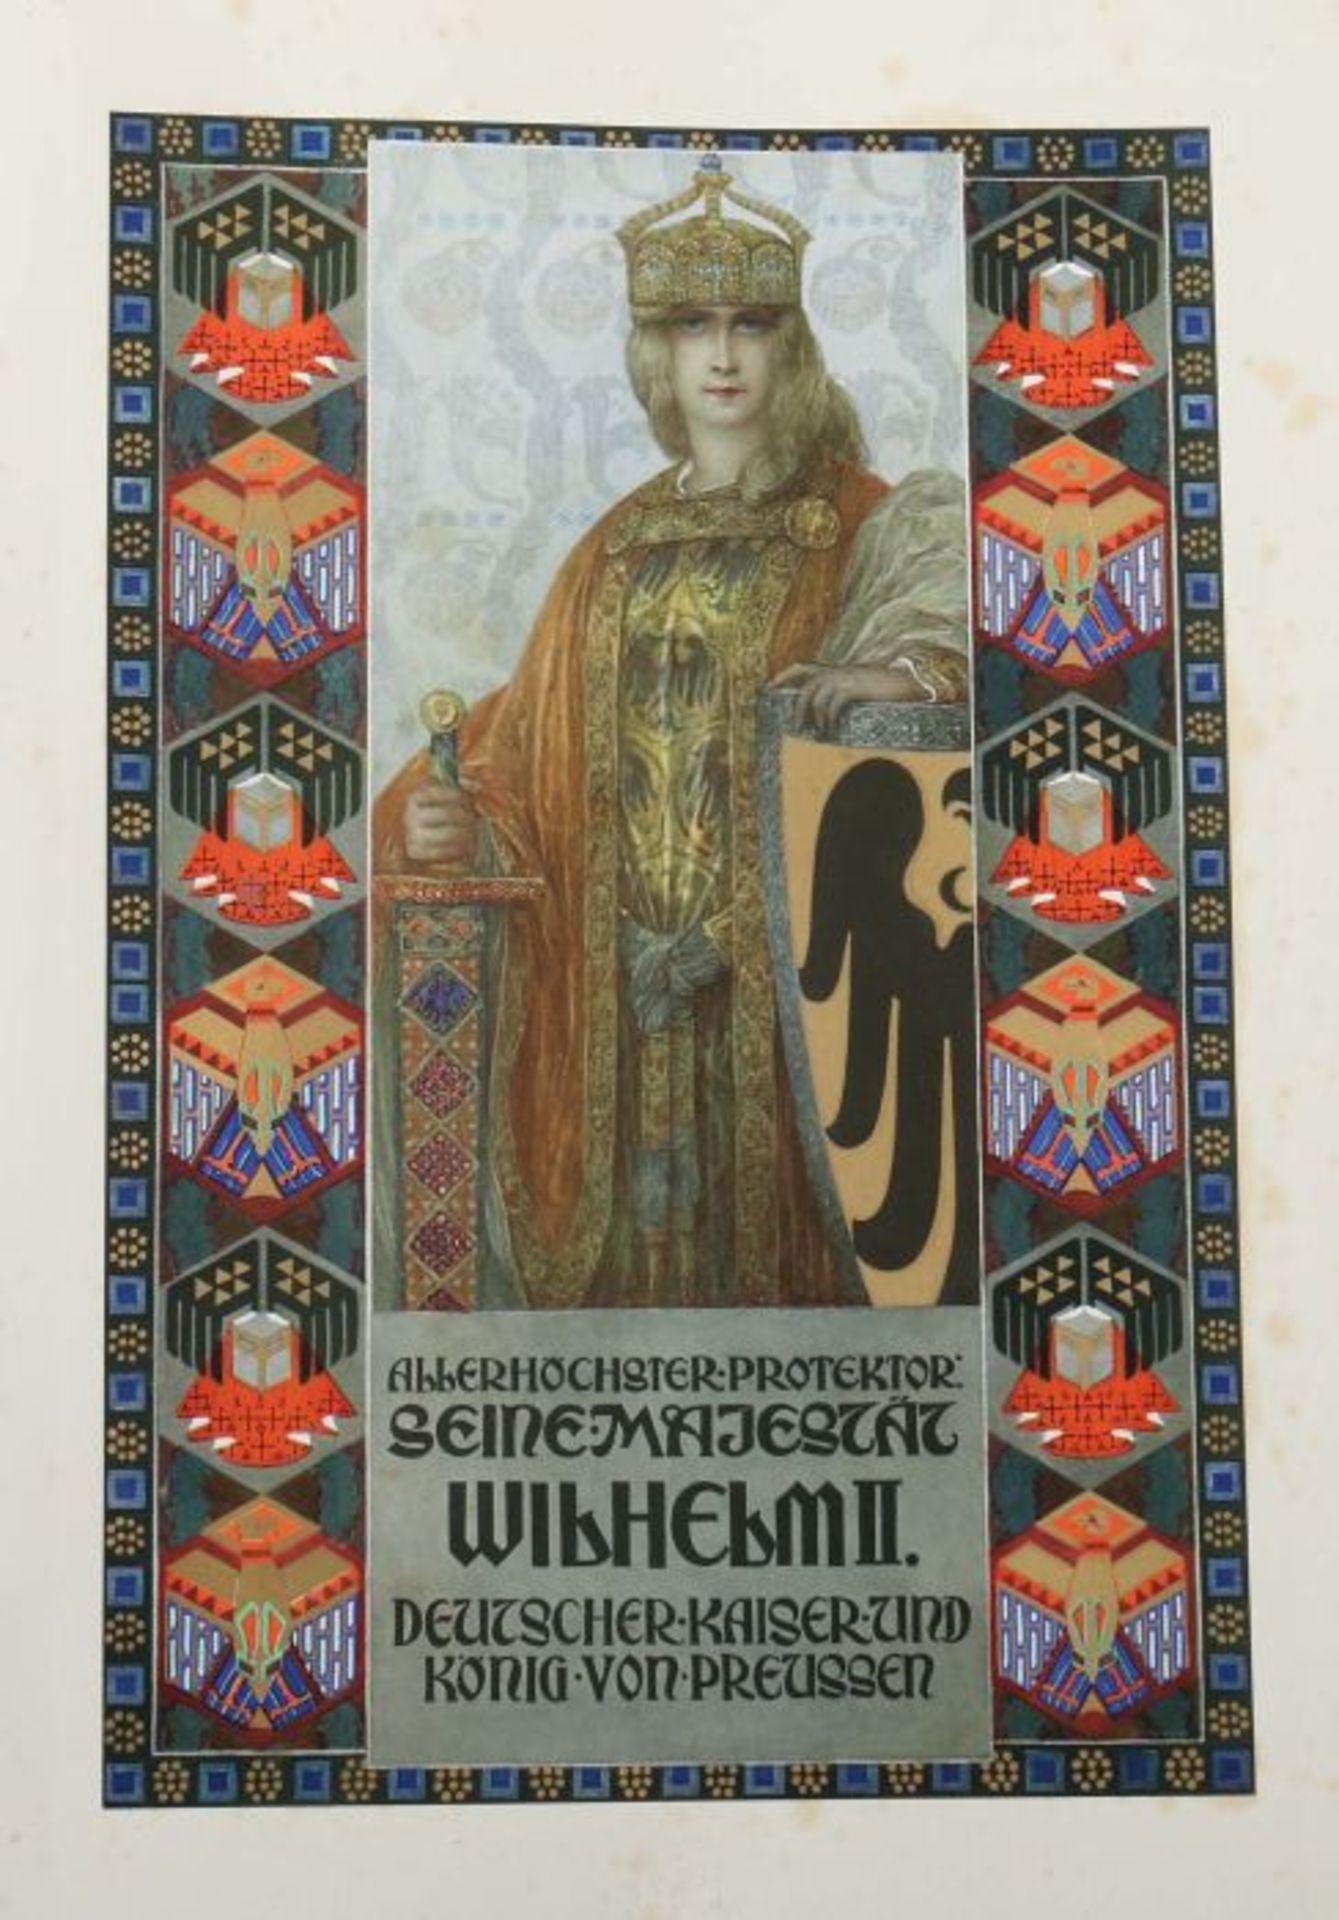 Herzig, Max Deutsche Gedenkhalle - Bilder aus der Vaterlaendischen Geschichte, Leipzig, Brockhaus, - Bild 2 aus 5